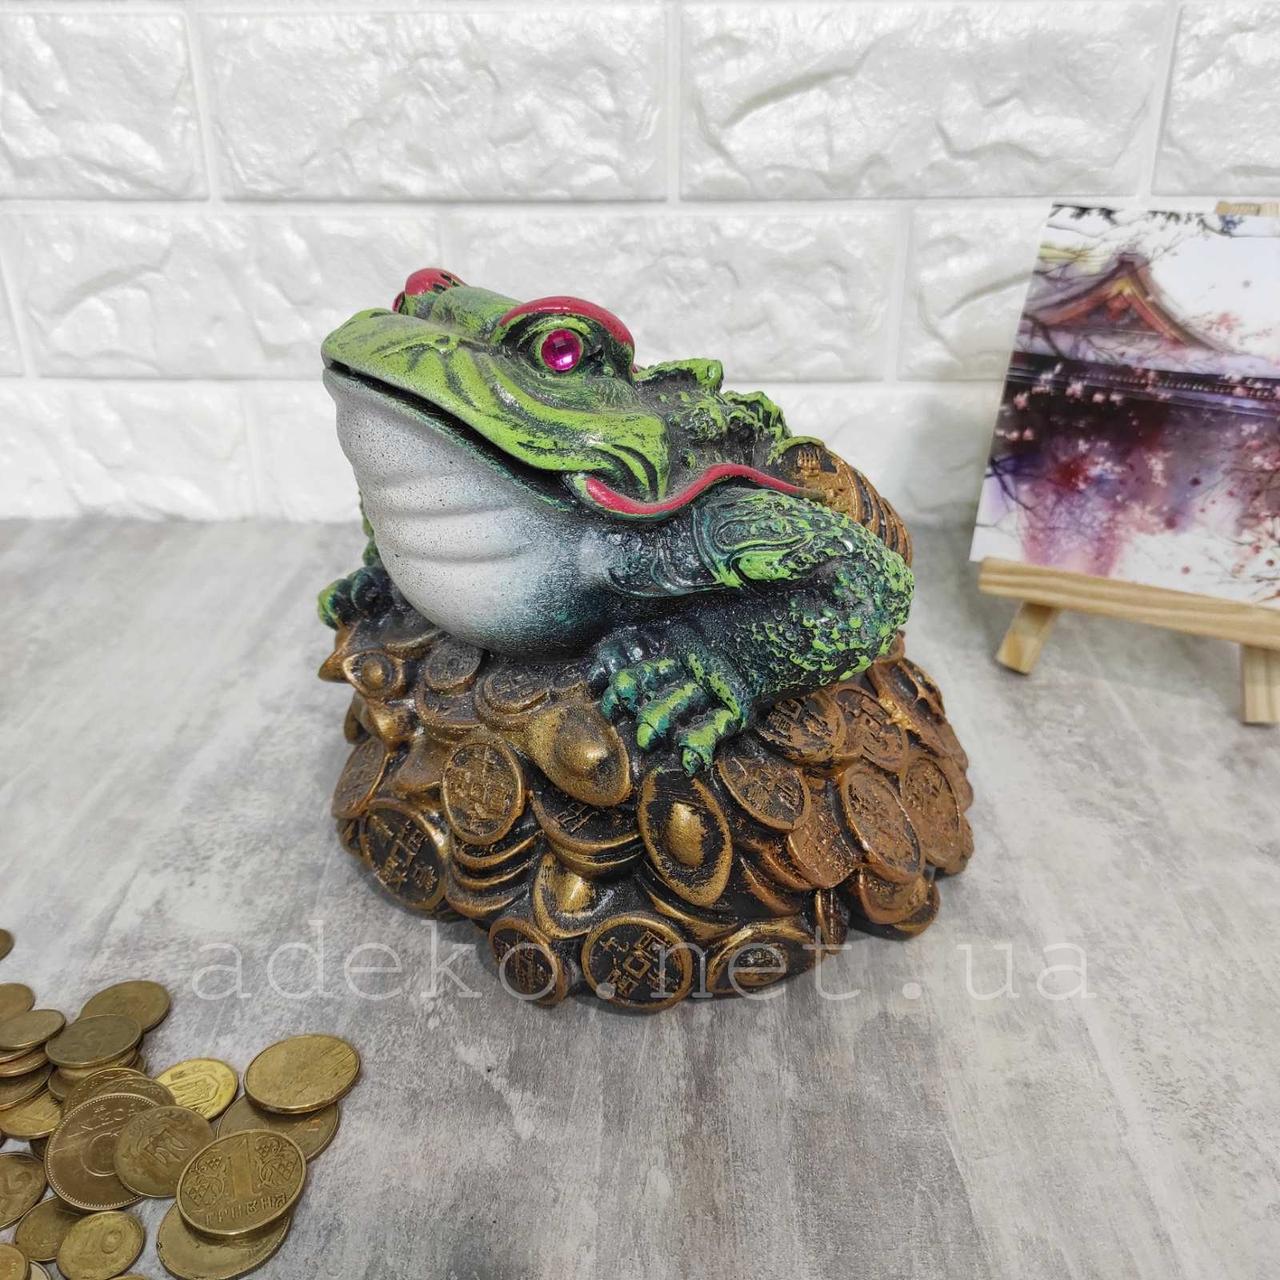 Копилка Трёхлапая жаба зеленого цвета 15 см